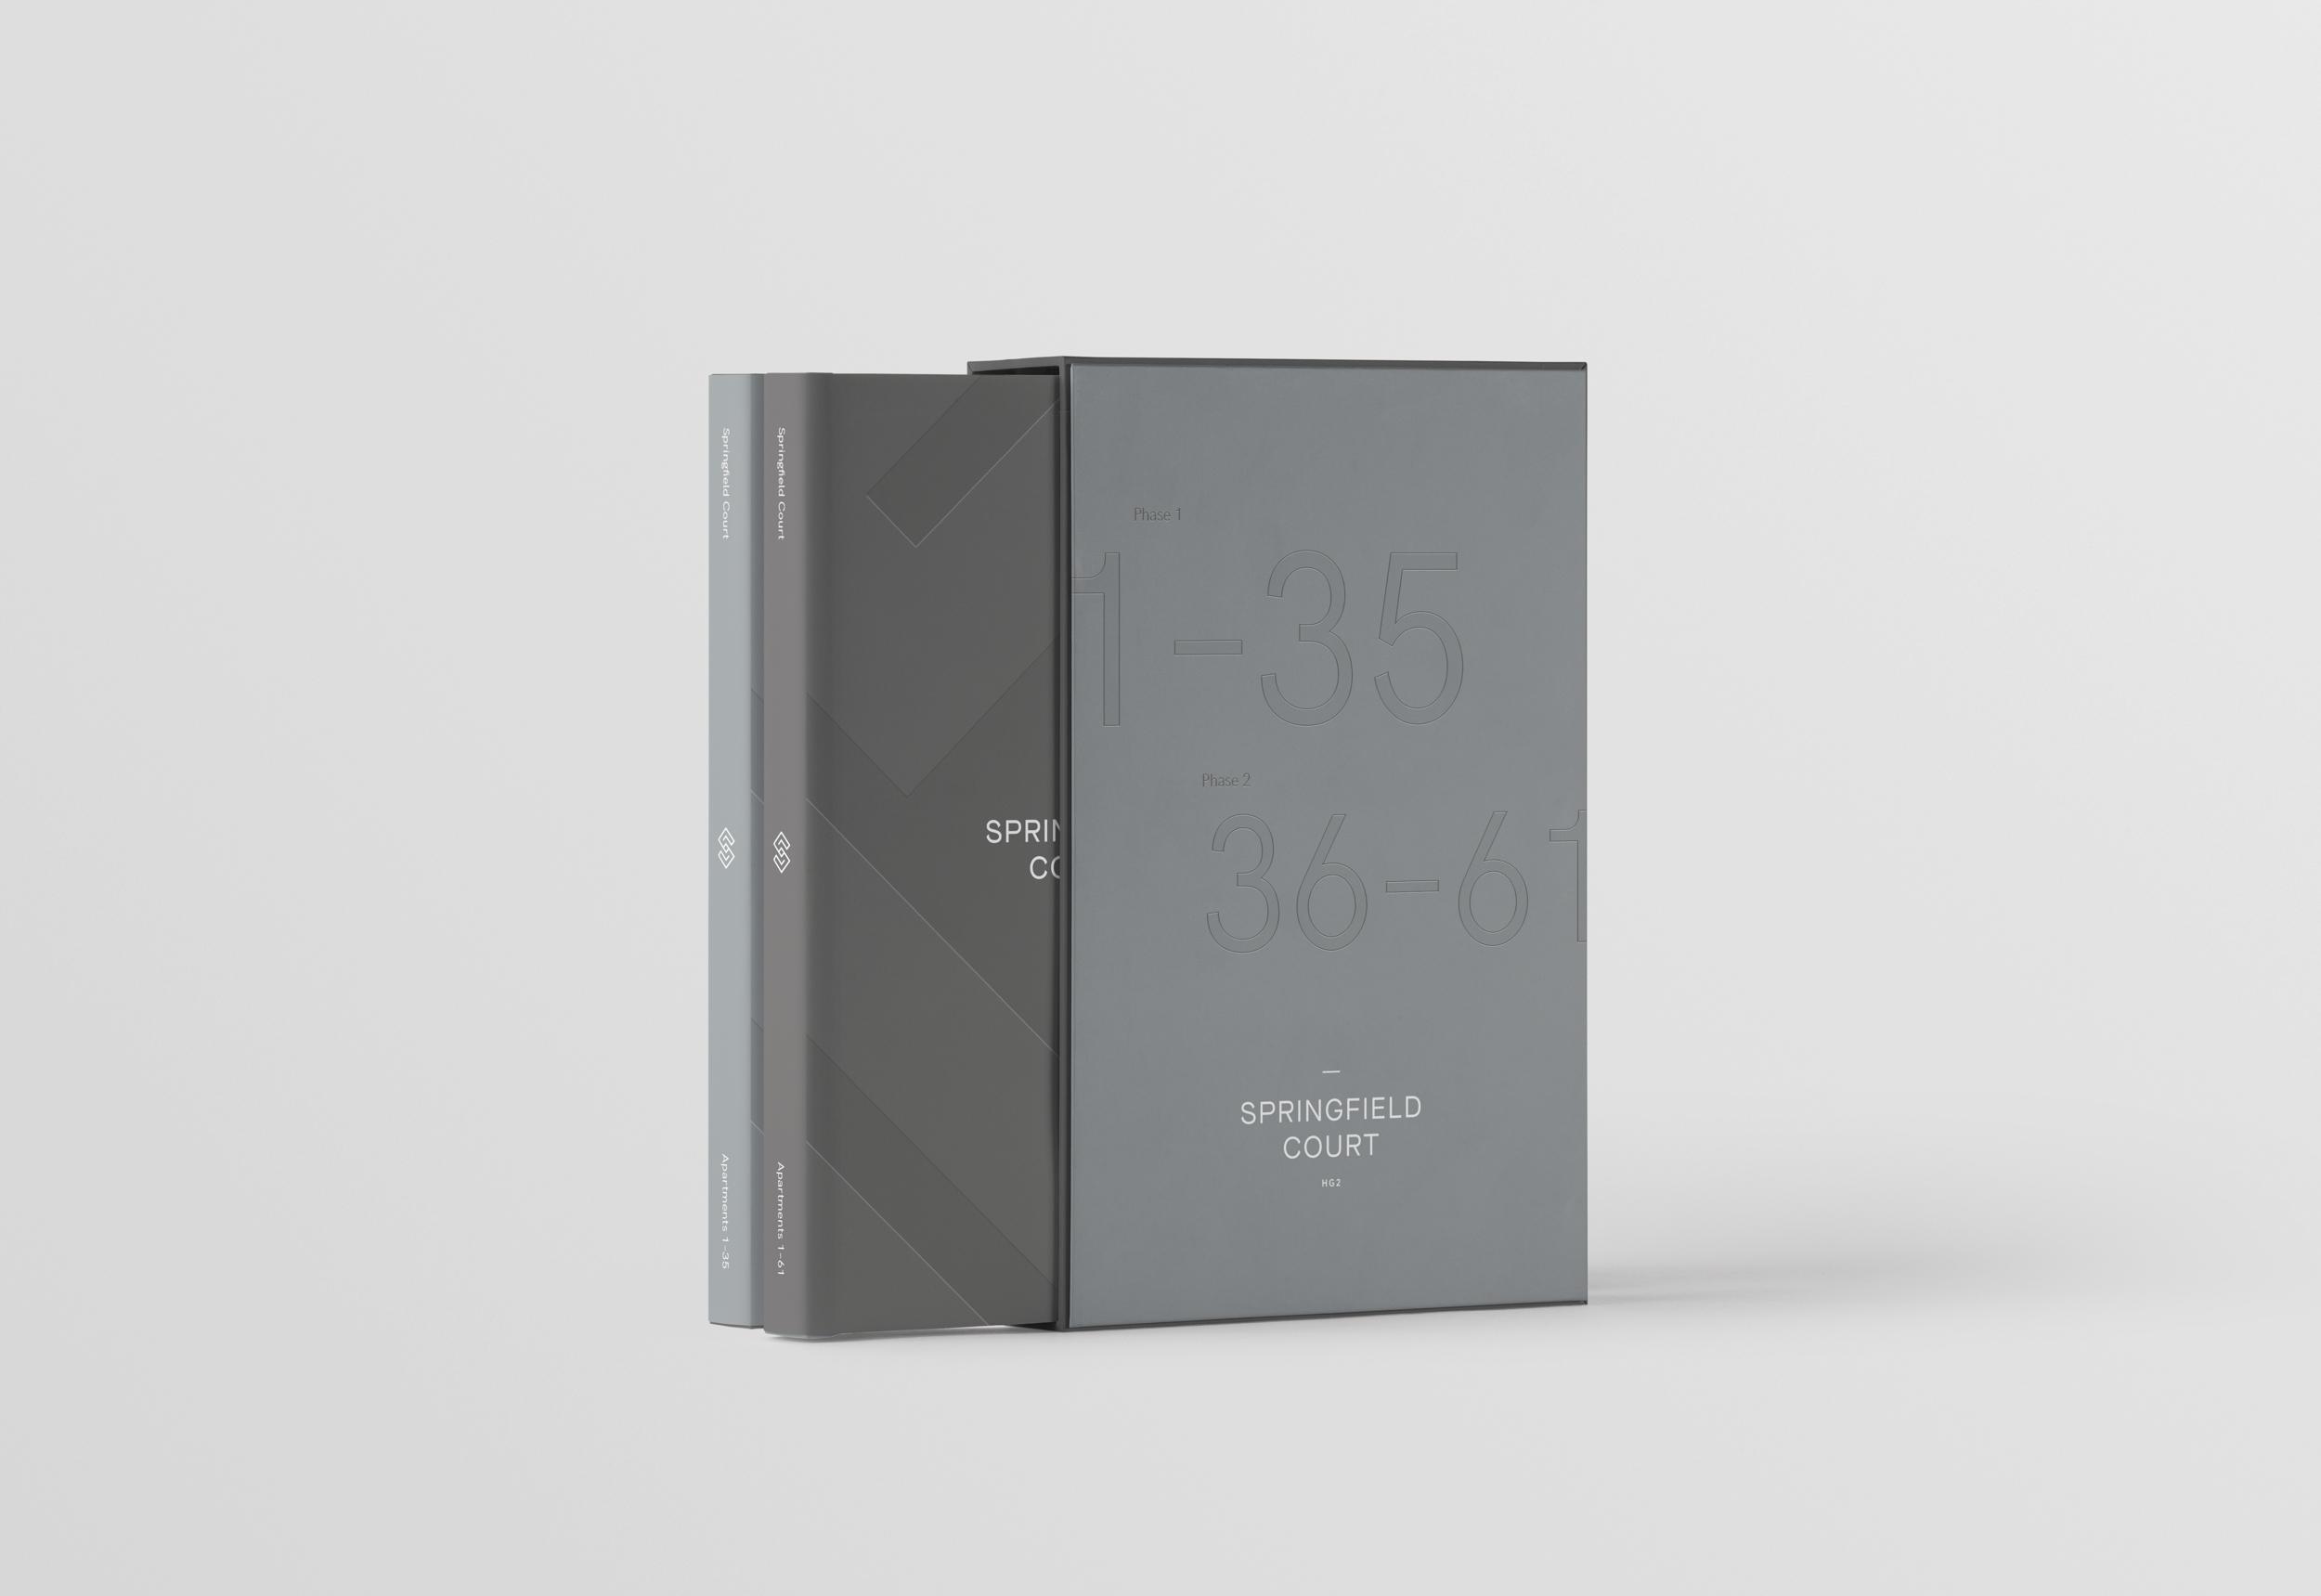 Slipcase-Book-Mockup-Vol8_2-1-1